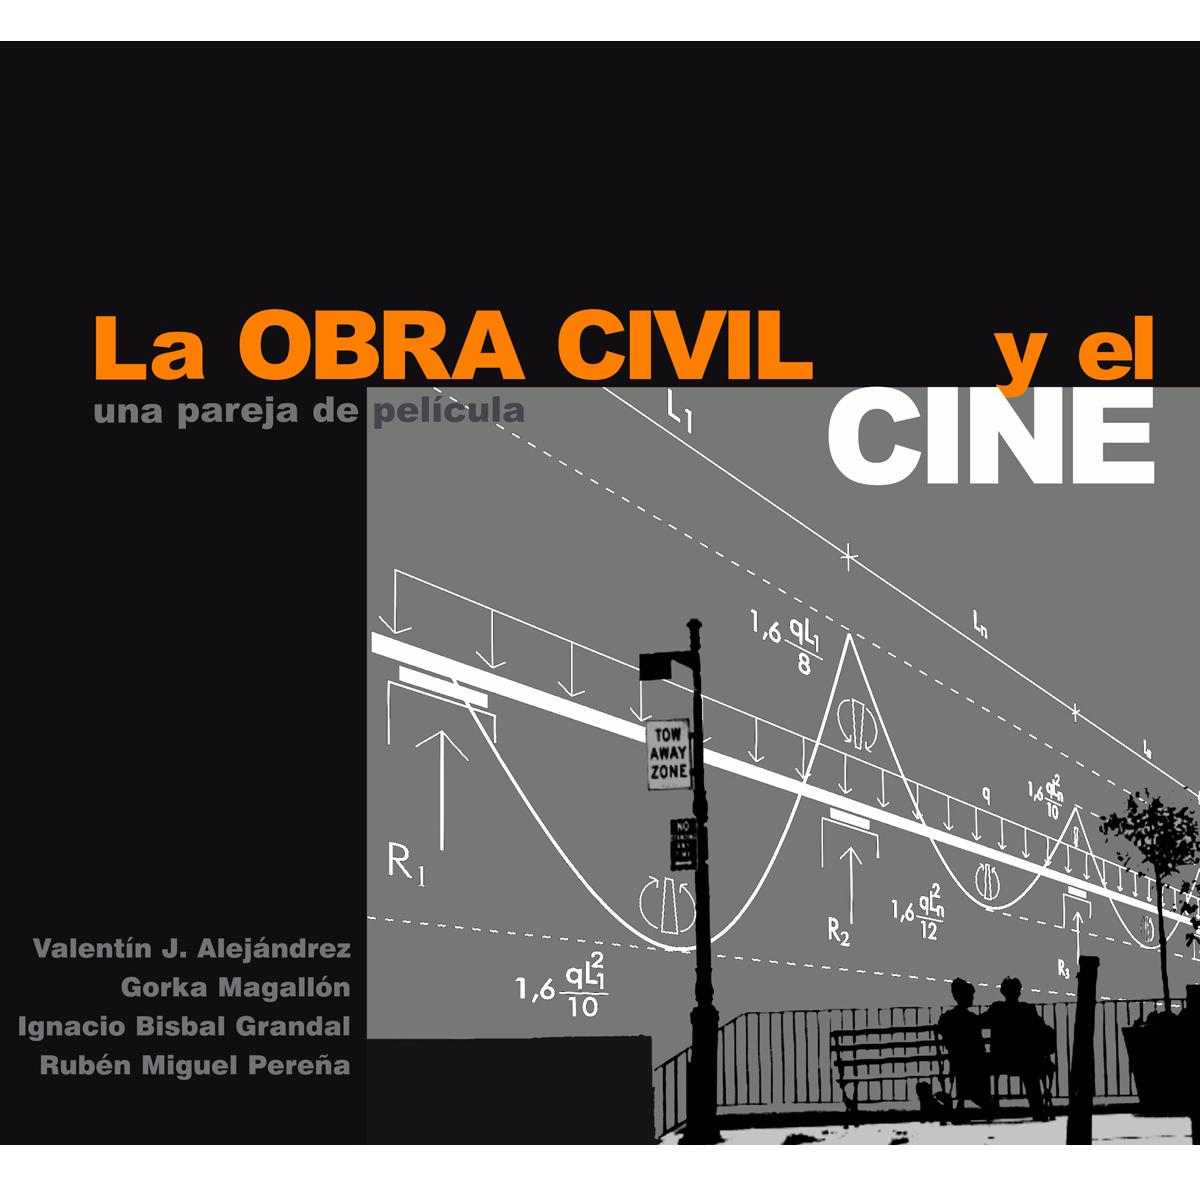 La obra civil y el cine